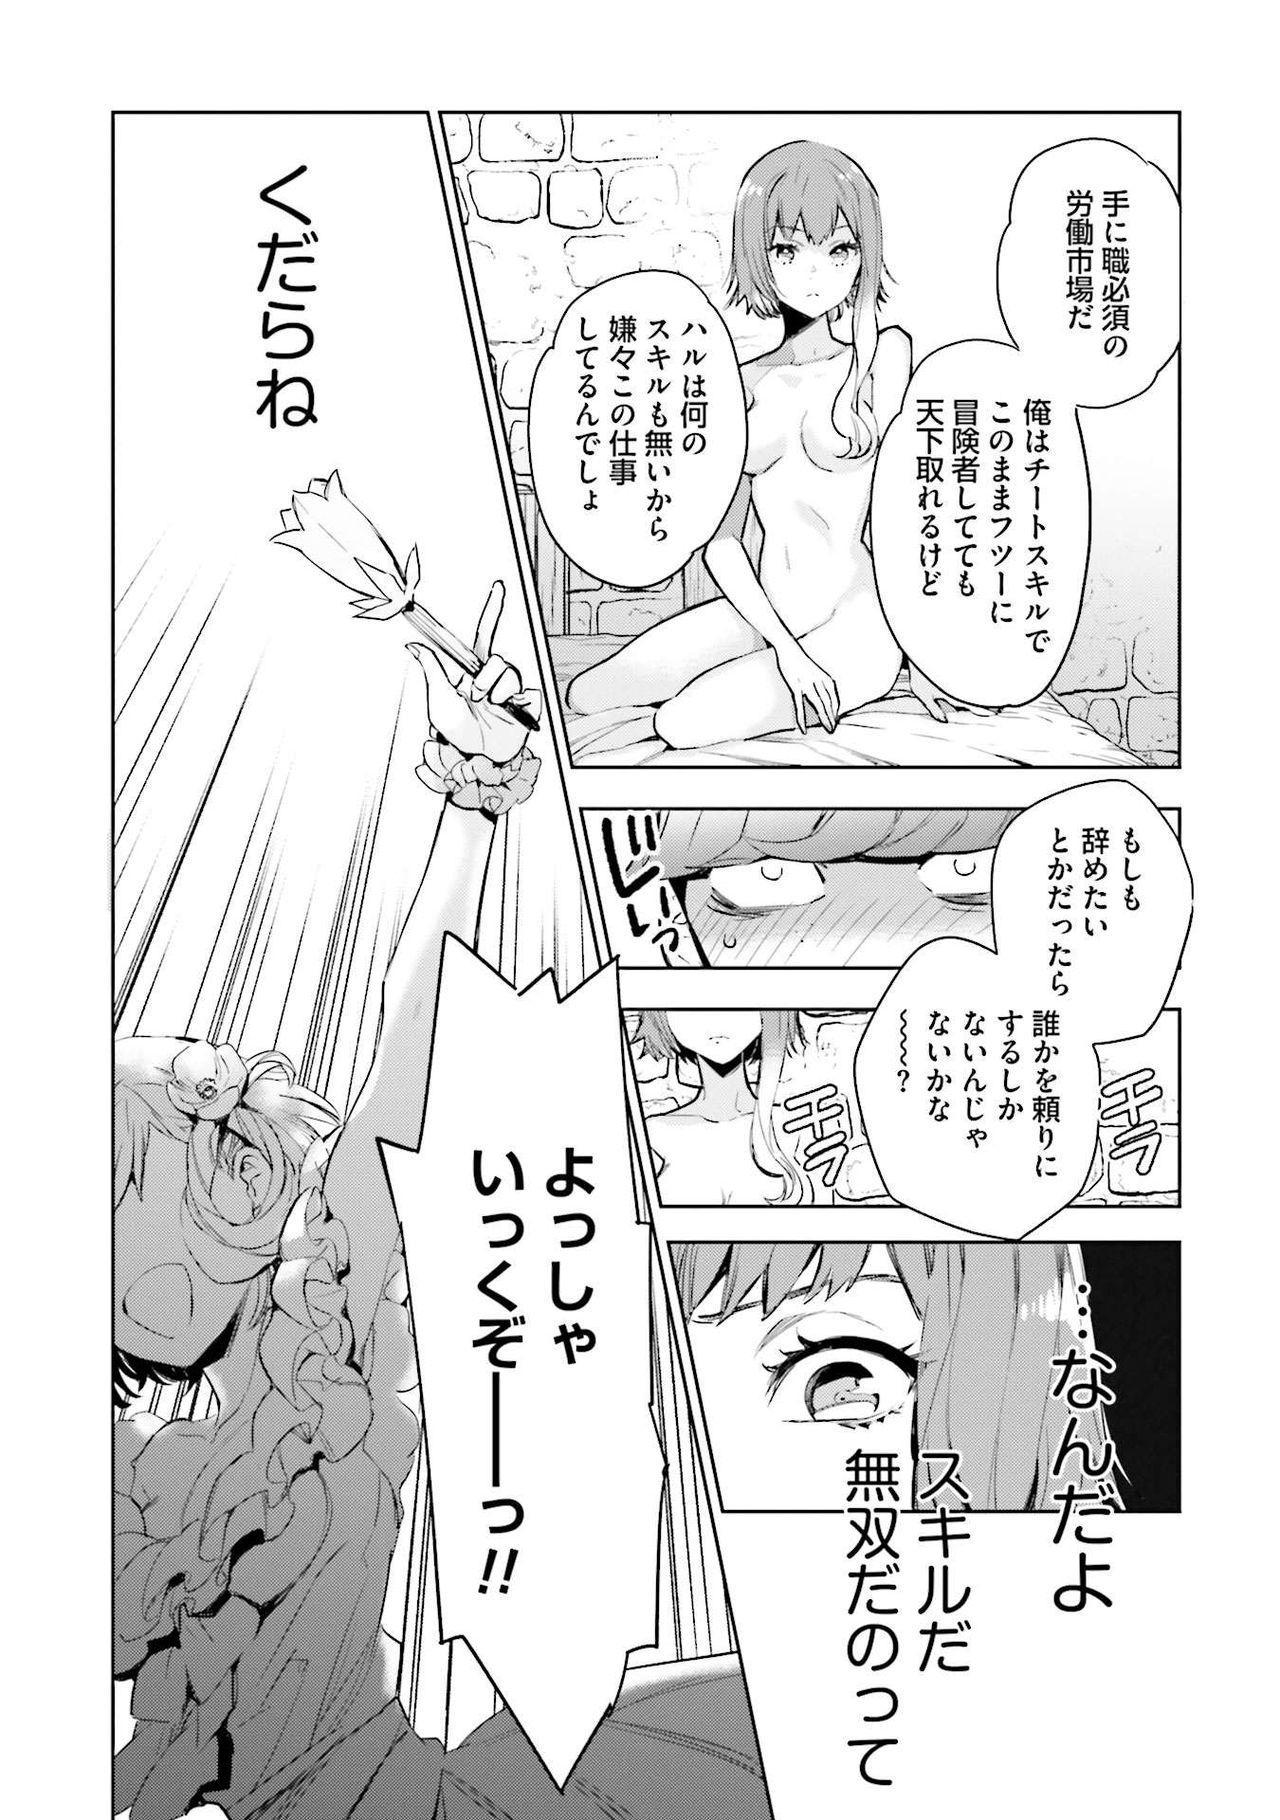 JK Haru wa Isekai de Shoufu ni Natta 1-14 98